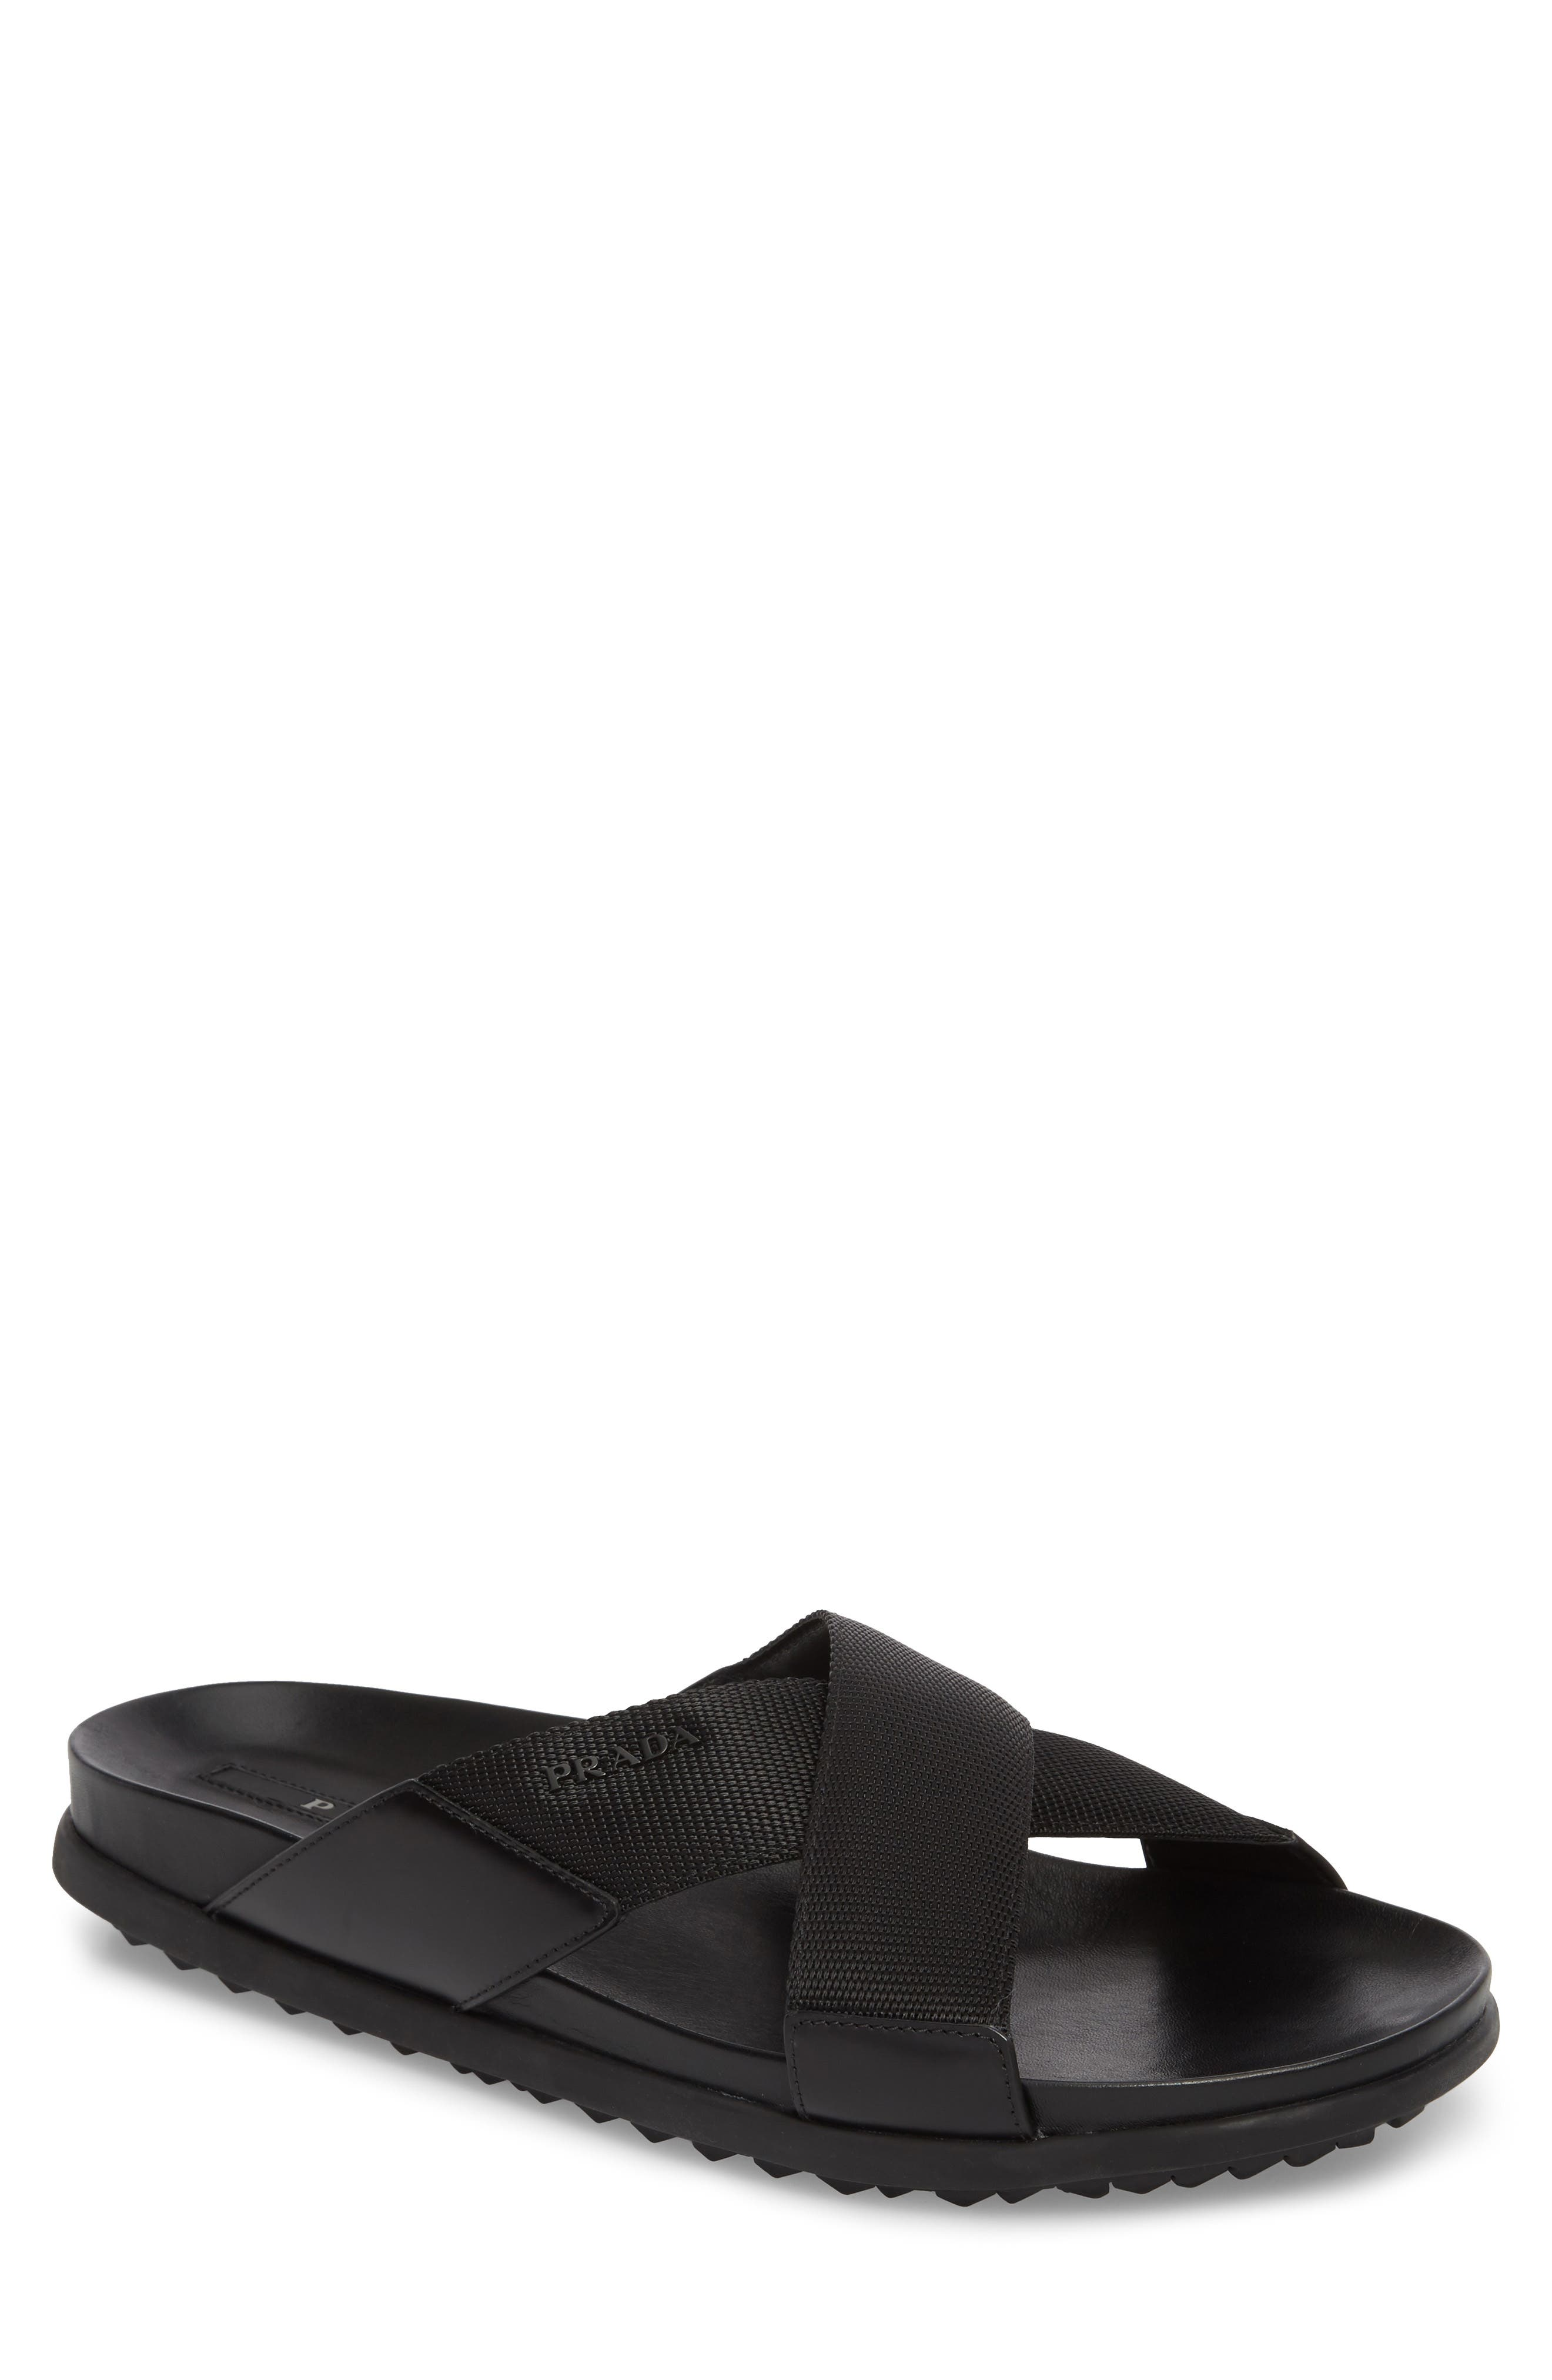 Alternate Image 1 Selected - Prada Linea Rossa Slide Sandal (Men)